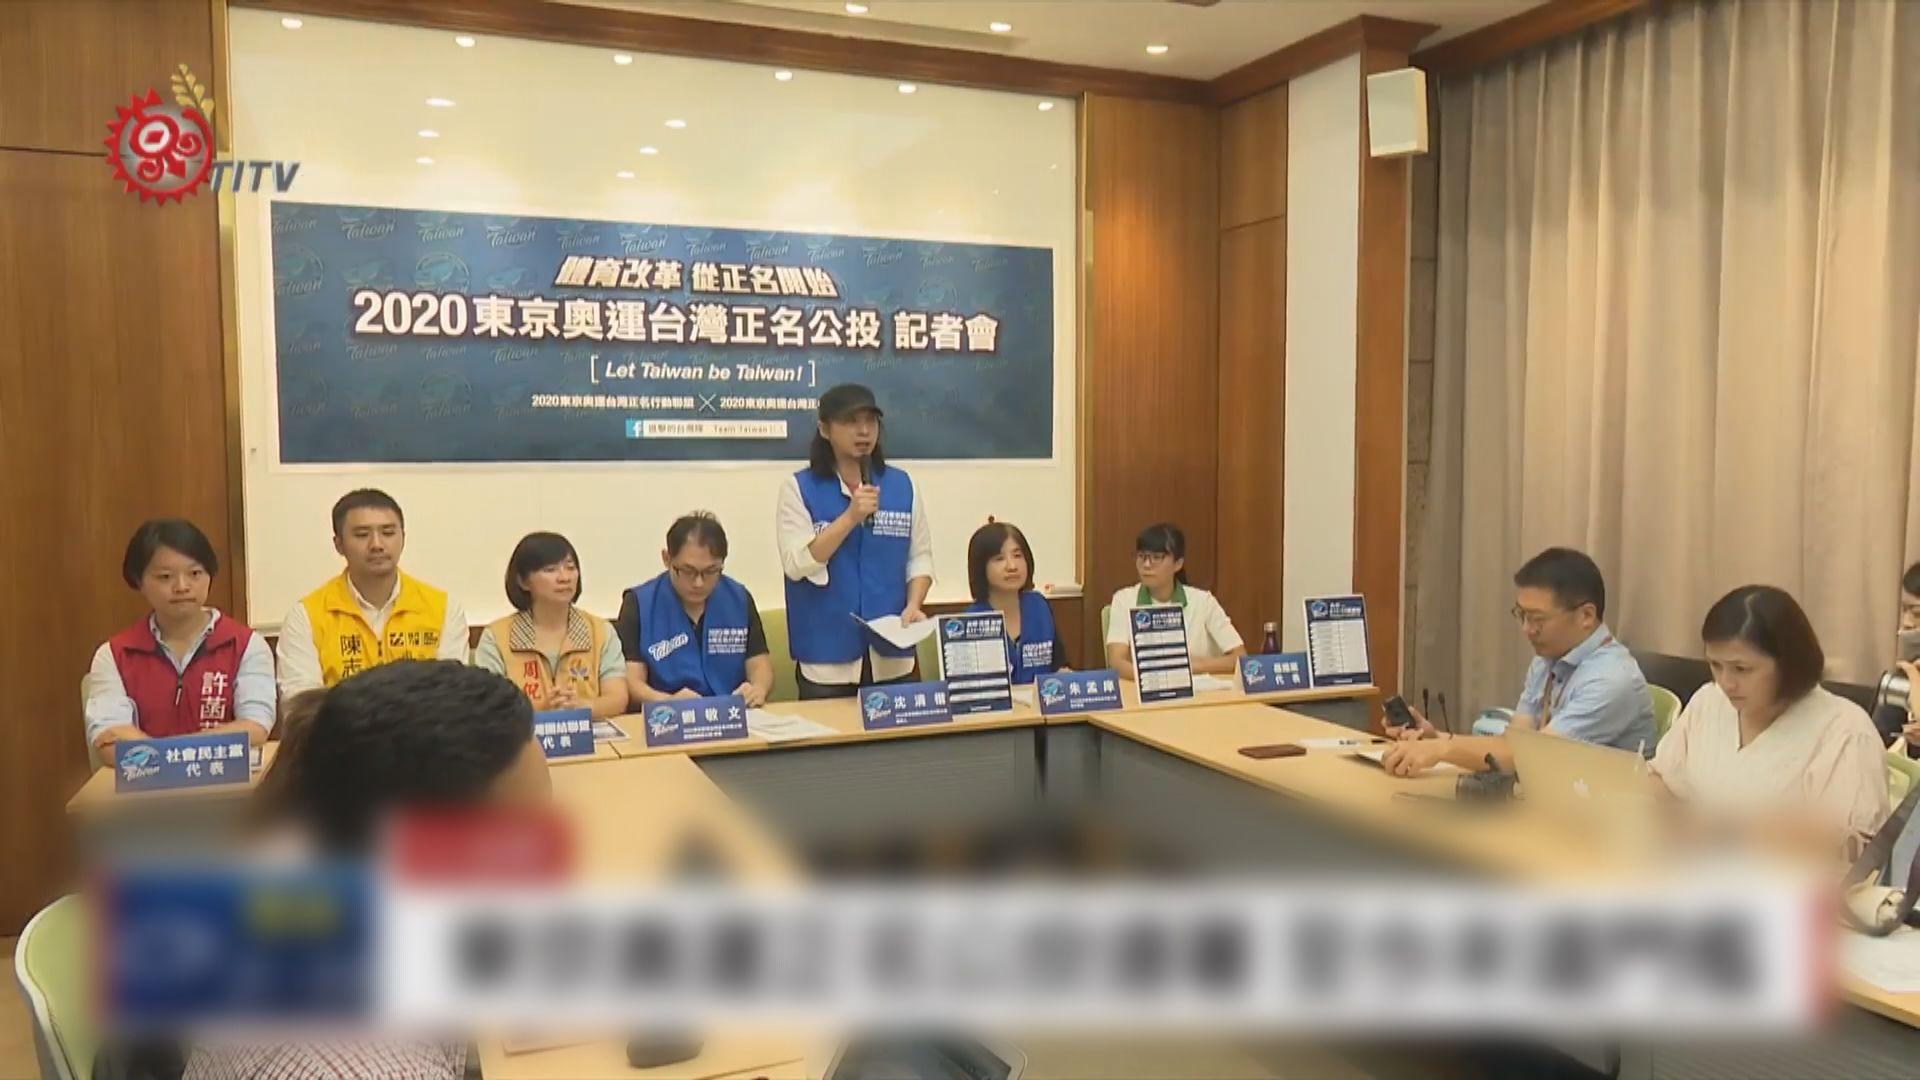 國際奧委會警告台灣正名公投或影響會籍